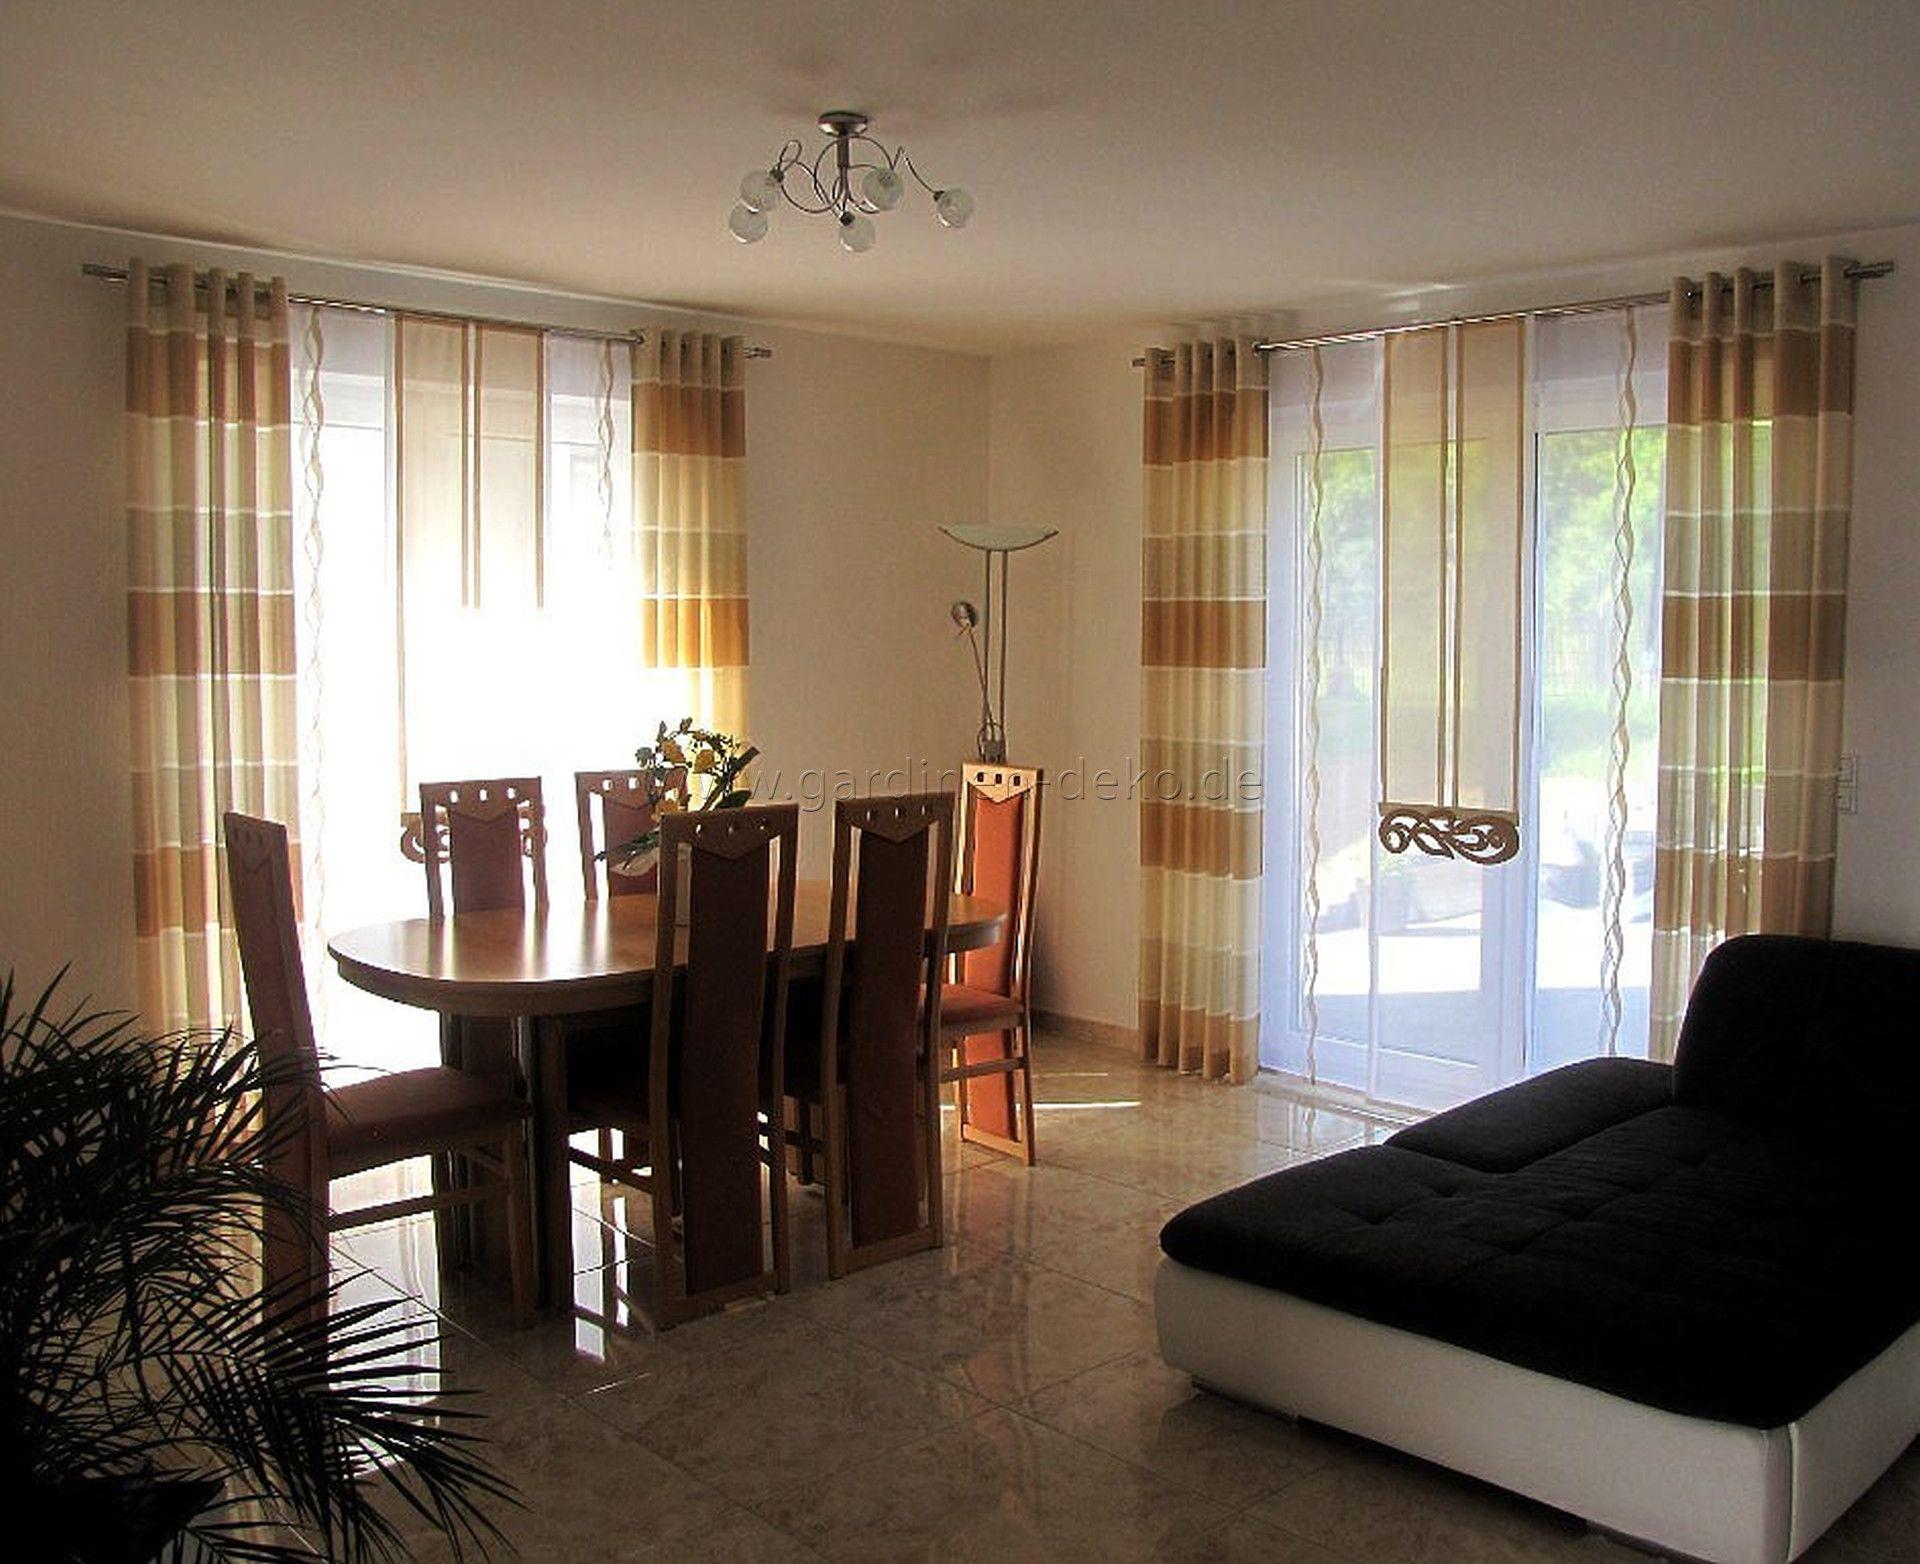 SchiebeGardine frs Wohnzimmer in braun und beige mit Dekoelementen  httpwwwgardinendeko